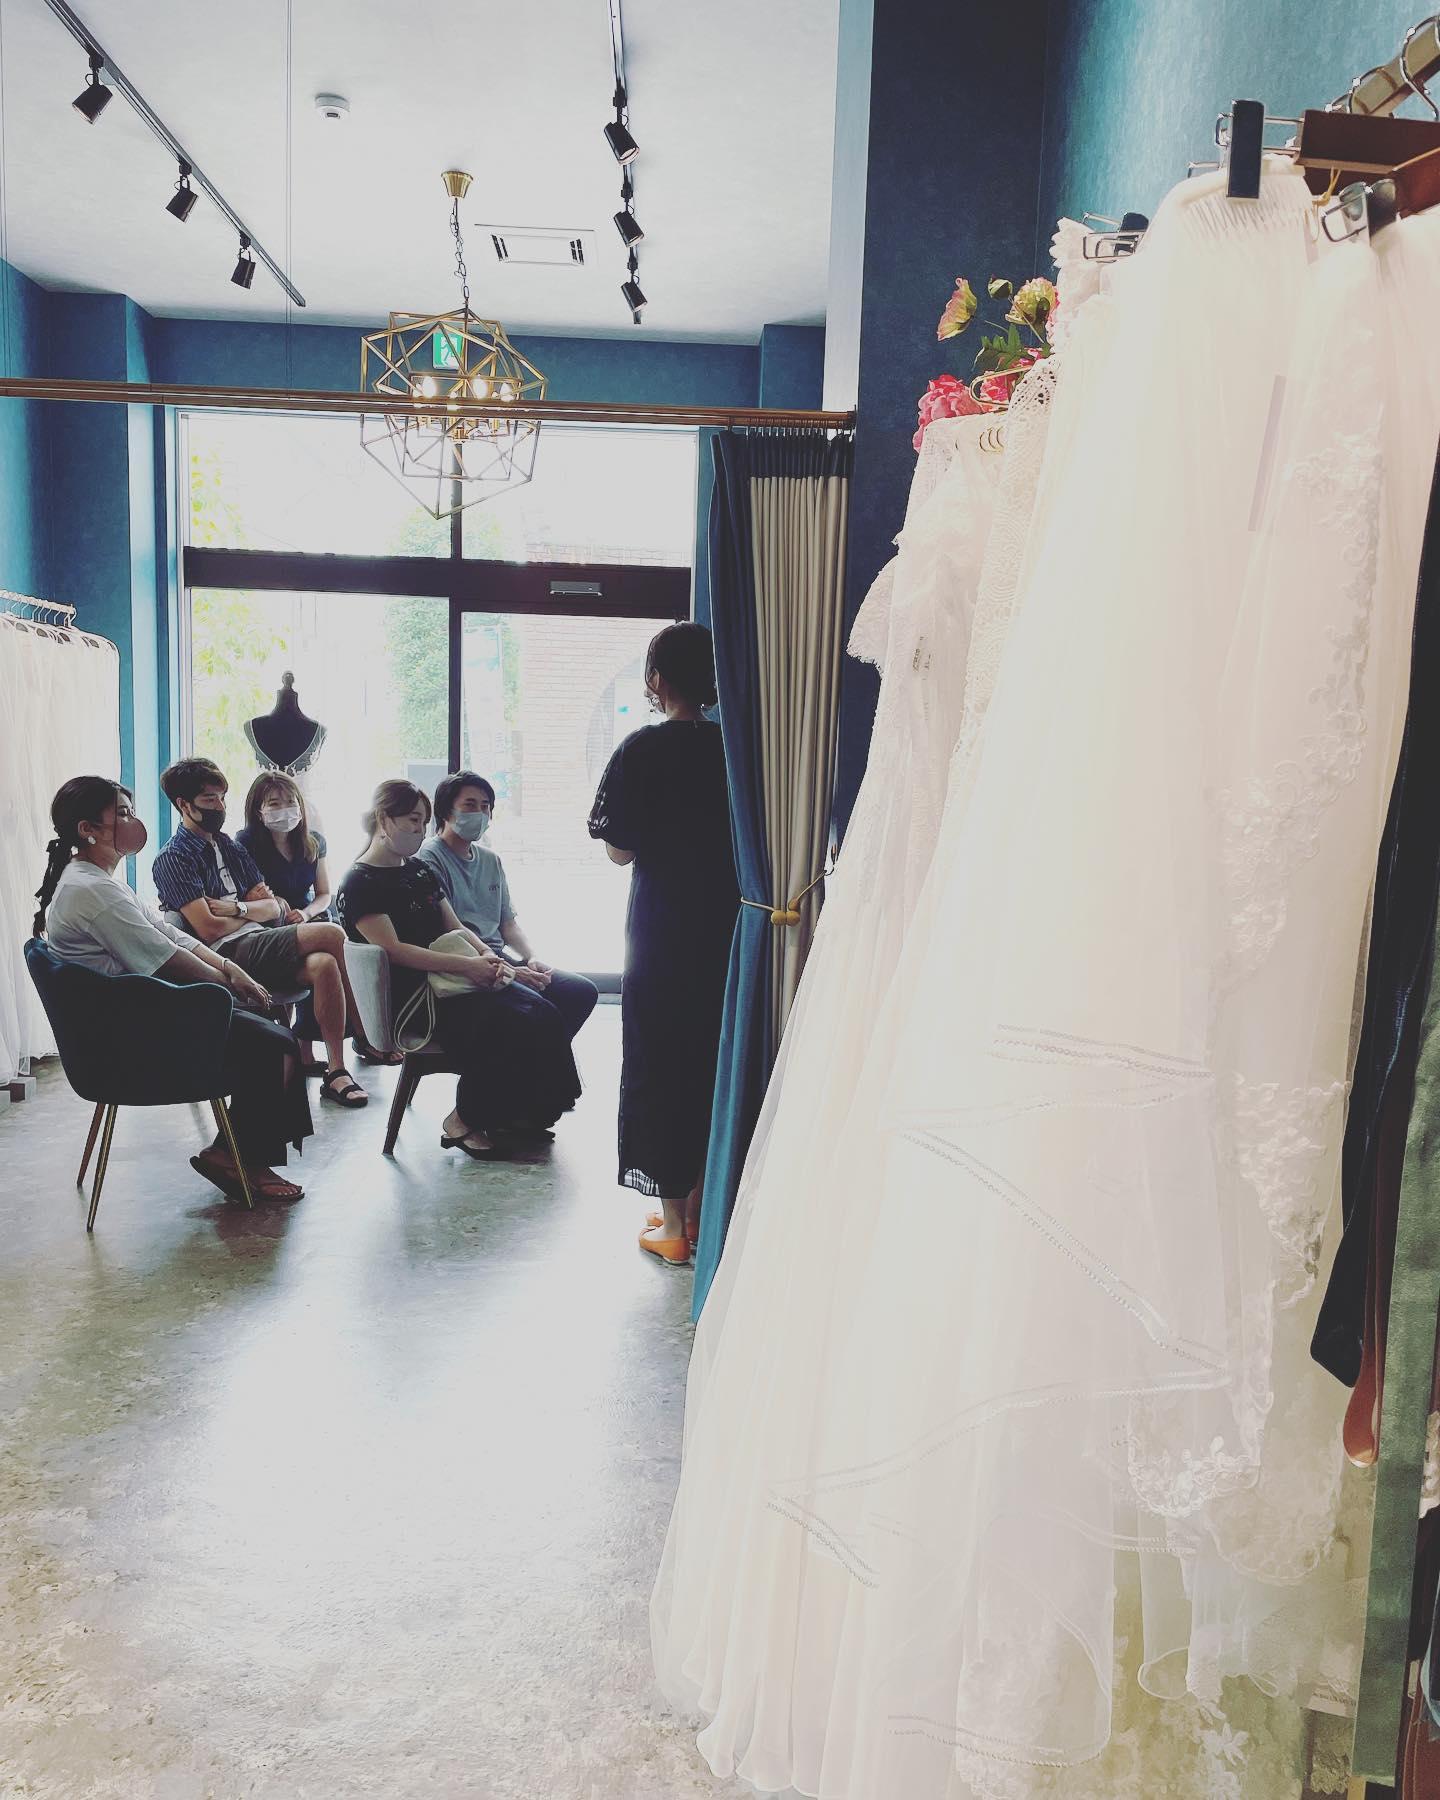 """・今日のclarasは@aya___wedding さま@ogawasatokowedding さま主催の""""花嫁相談会""""eventでした♀️・満員御礼ありがとうございました🕊・相談会の中でドレスのご試着やポートレート撮影の体験も・沢山の可愛い花嫁さまにお会いできて幸せでした🤍・adviser: @aya___wedding @ogawasatokowedding photo: @mapp.photo ・#wedding #weddingdress #claras #ウェディングドレス #プレ花嫁 #ドレス試着#ドレス迷子#2021冬婚 #ヘアメイク #ドレス選び #前撮り #後撮り #フォトウェディング #ウェディングヘア  #フォト婚 #ブライダルフォト #カップルフォト #ウェディングドレス探し #ウェディングドレス試着 #ドレスショップ #家族婚 #バウリニューアル #記念日婚 #モニター募集 #ドレス迷子 #限定 #プレ花嫁 #ニューノーマル #クララス #花嫁相談会 #フリープランナー #ウェディングアドバイザー"""